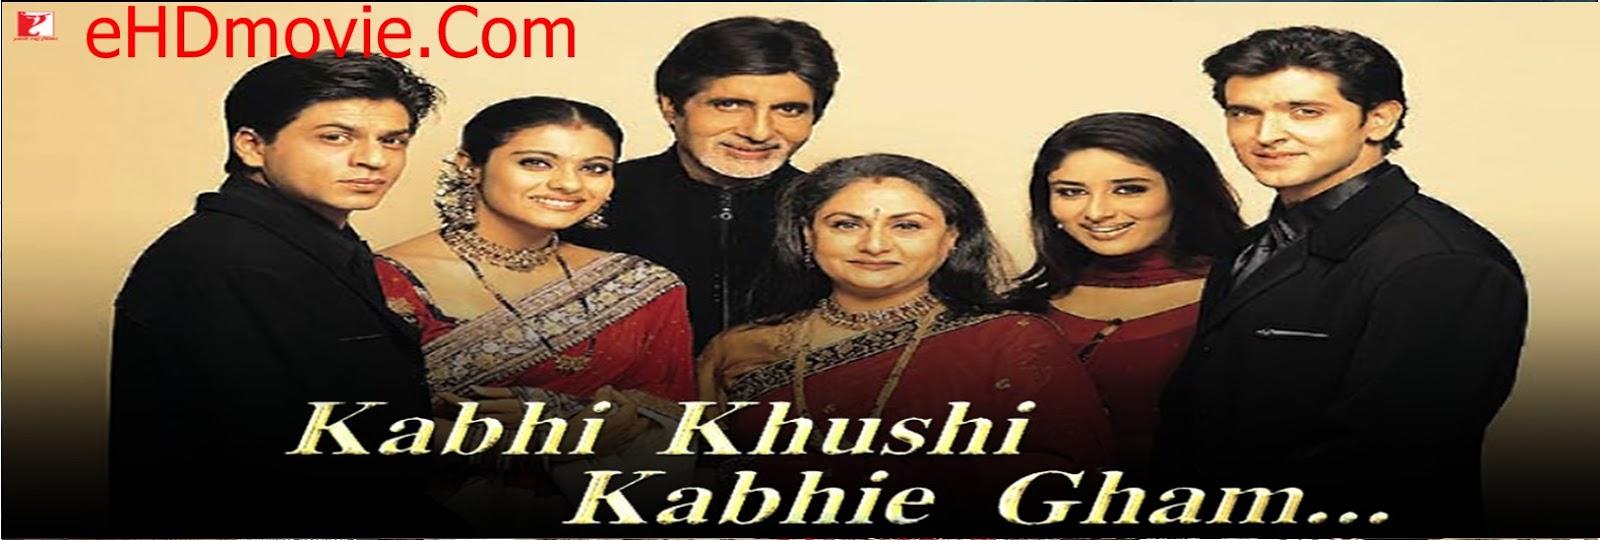 Kabhi Khushi Kabhie Gham 2001 Full Movie Hindi 720p - HEVC - 480p ORG BRRip 600MB - 800MB - 950MB - 1.4GB ESubs Free Download